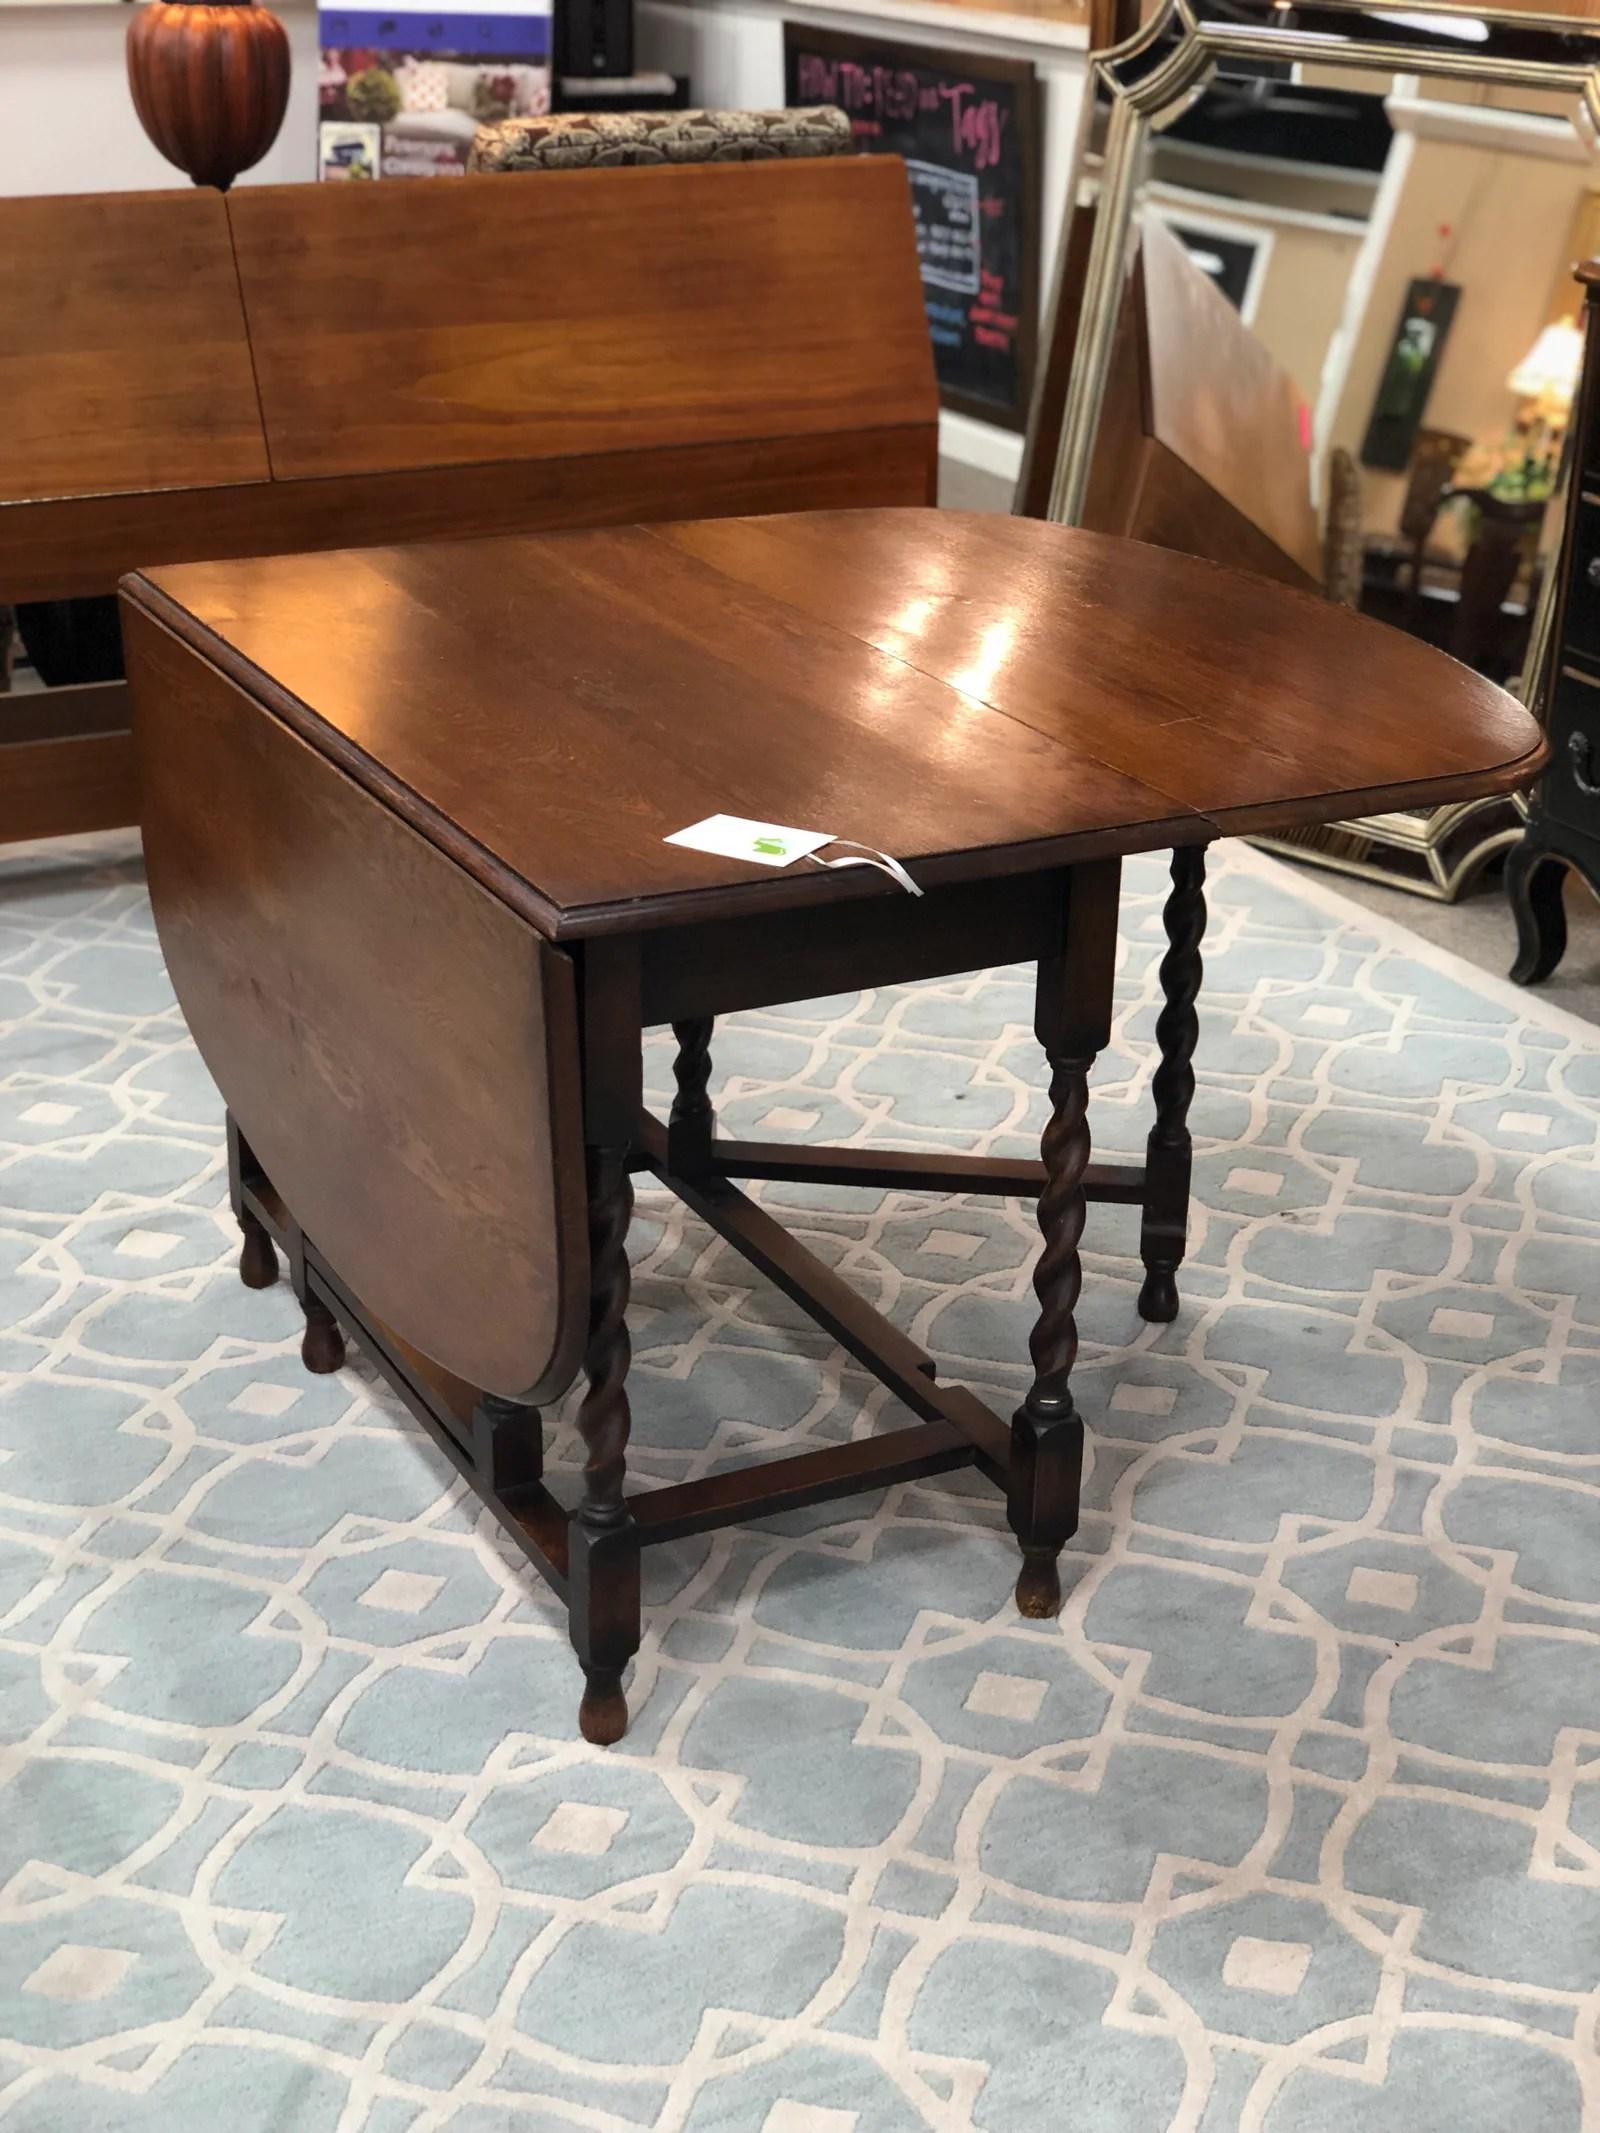 Reputable Drop Leaf Table Drop Leaf Table Drop Leaf Table Styles Drop Leaf Table On Wheels houzz-03 Antique Drop Leaf Table